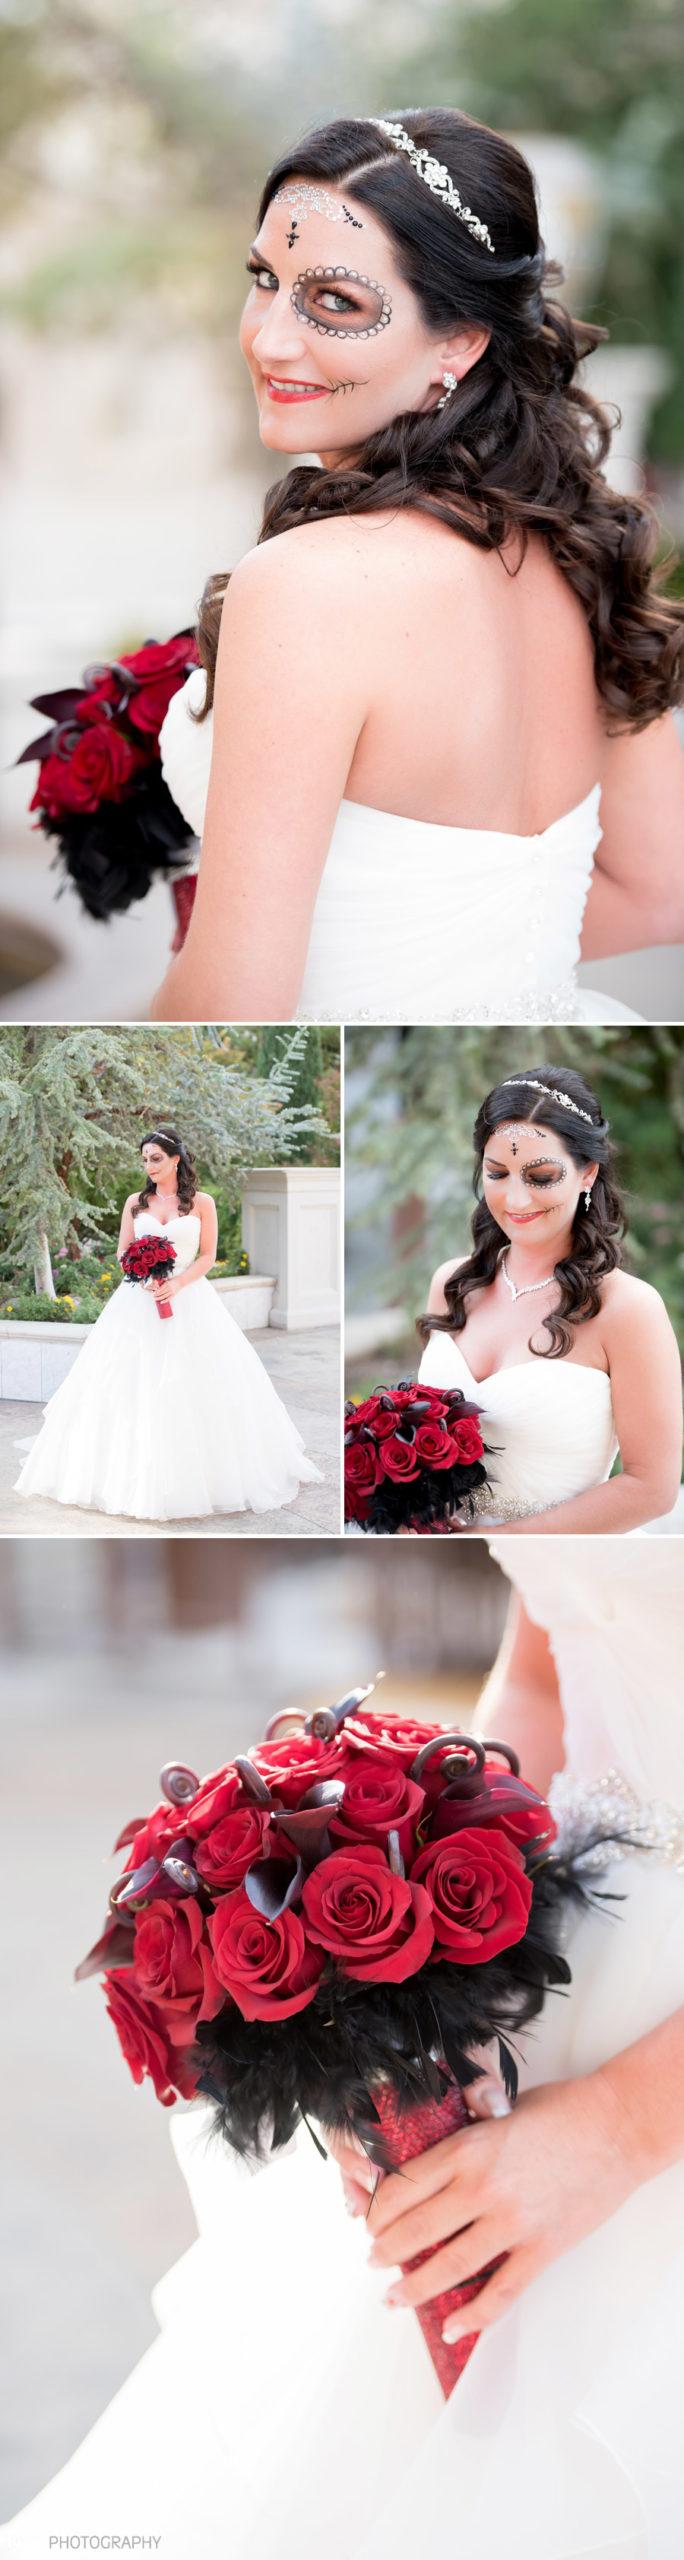 Dia De Los Muertos - Day of the Dead Sugar Skull Wedding   KMH Photography